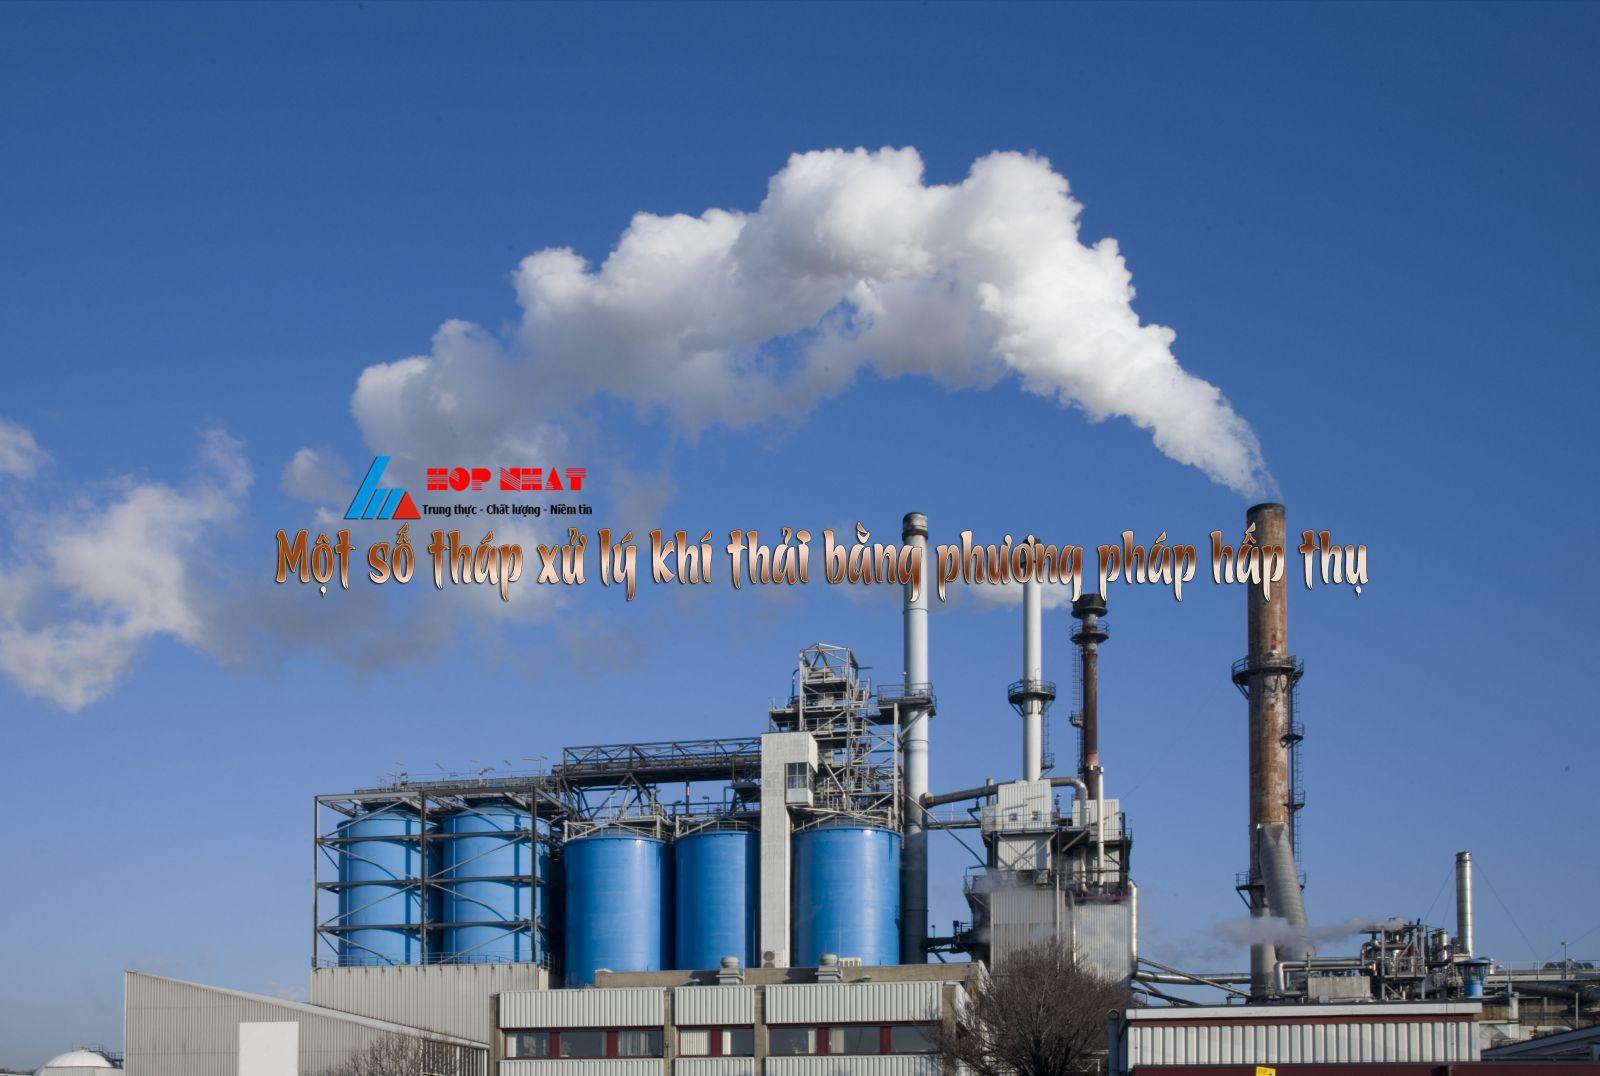 Tháp xử lý khí thải bằng phương pháp hấp thụ